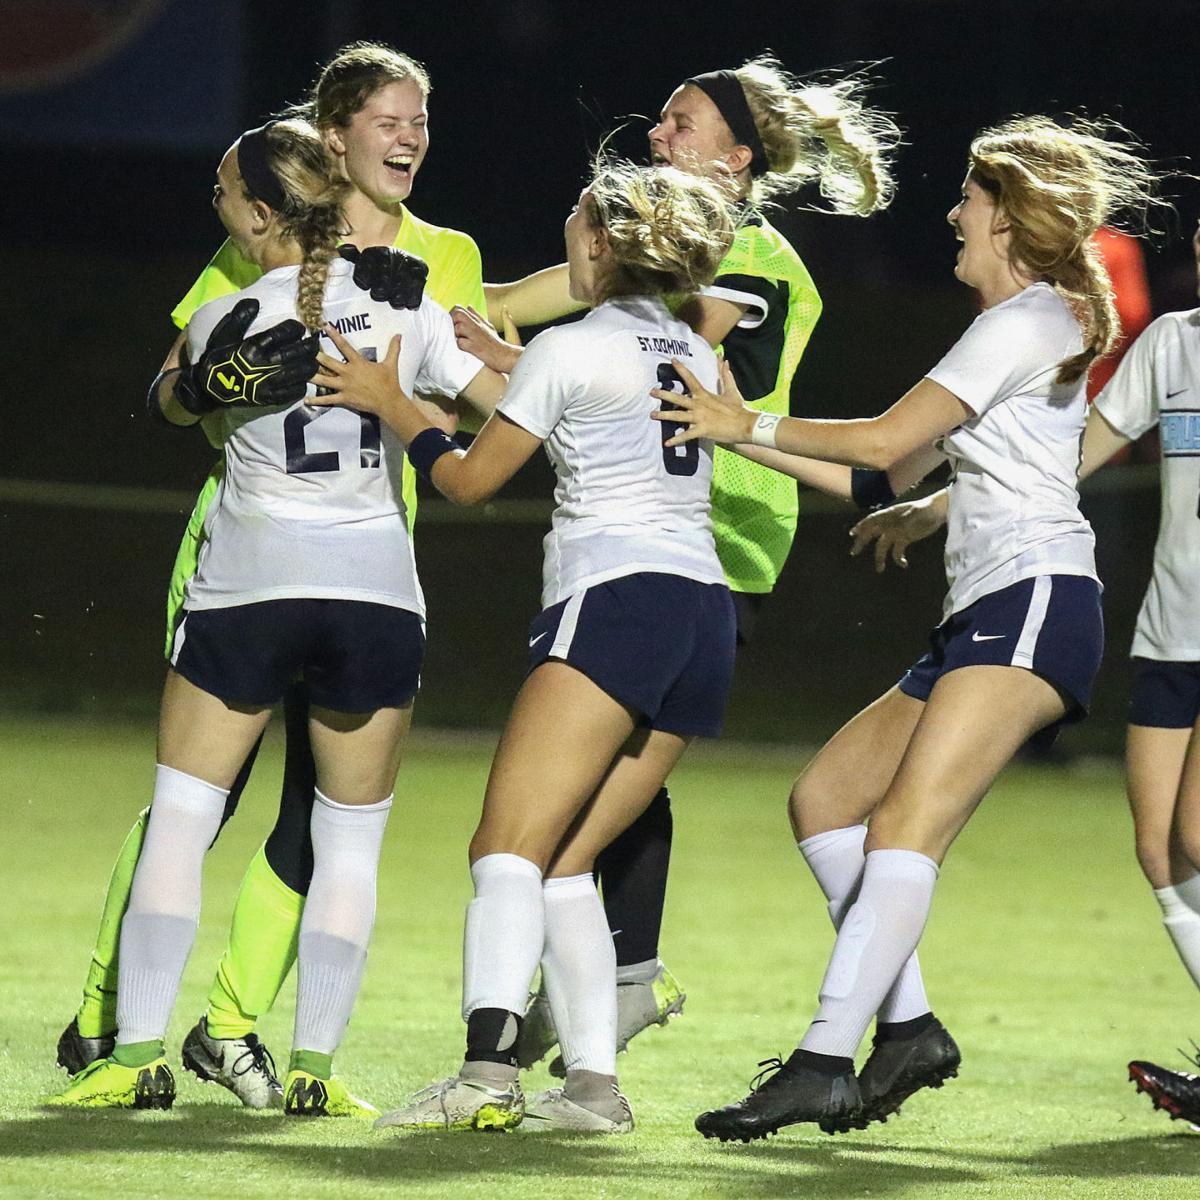 St. Dominic vs. Summit girls soccer